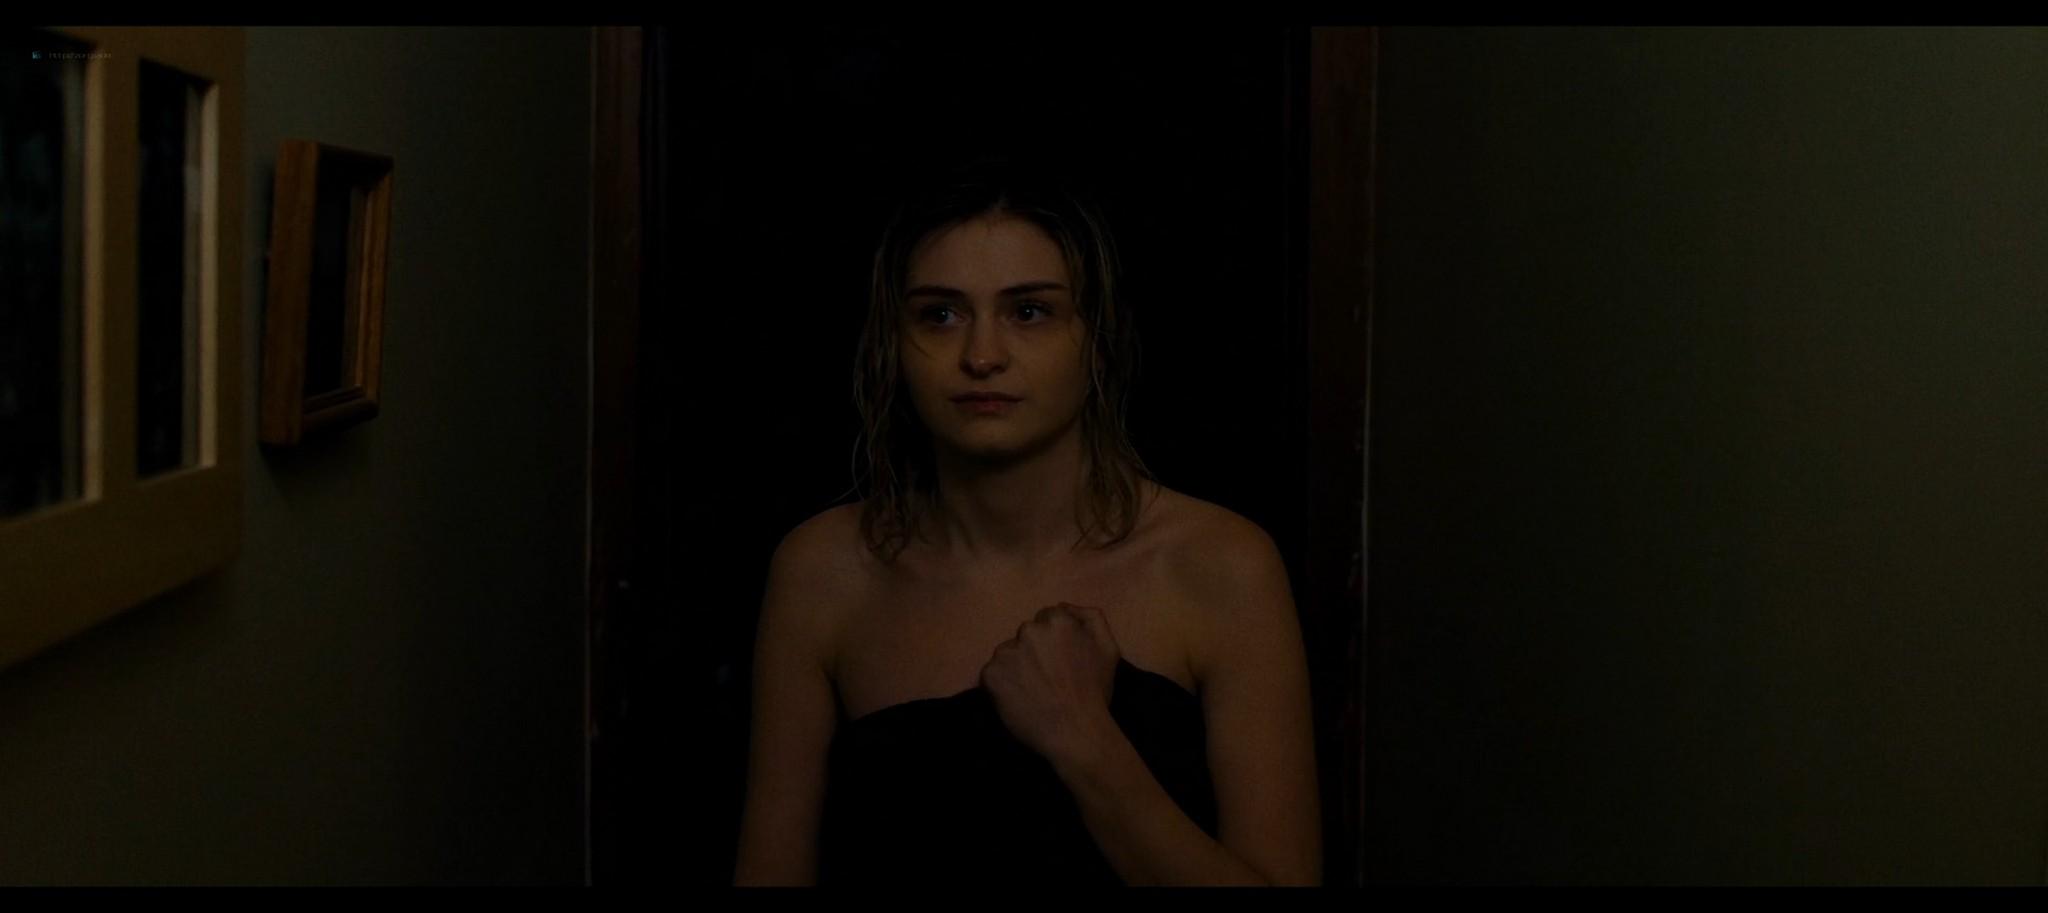 Anna Shields nude topless Rachel Finninger hot lesbian sex - Monstrous (2020) HD 1080p Web (14)